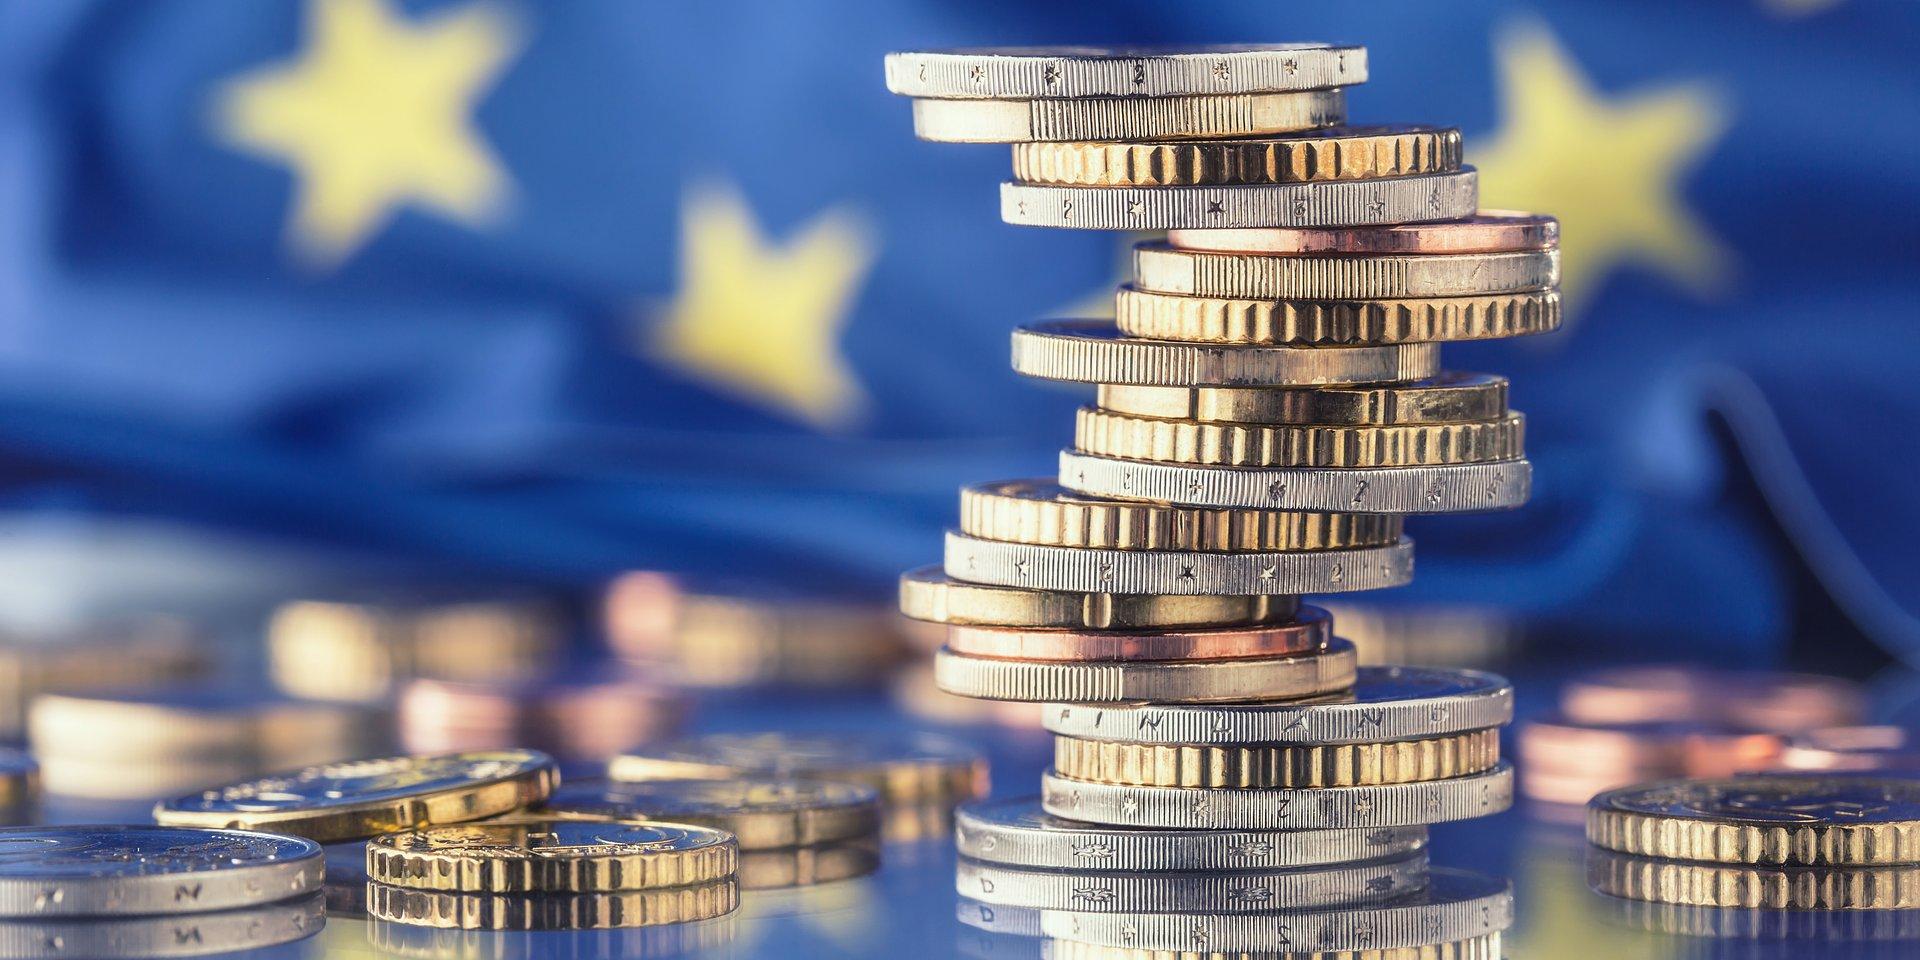 [Tarcza finansowa] FAQ – Bezzwrotna subwencja z Tarczy finansowej dla mikroprzedsiębiorców